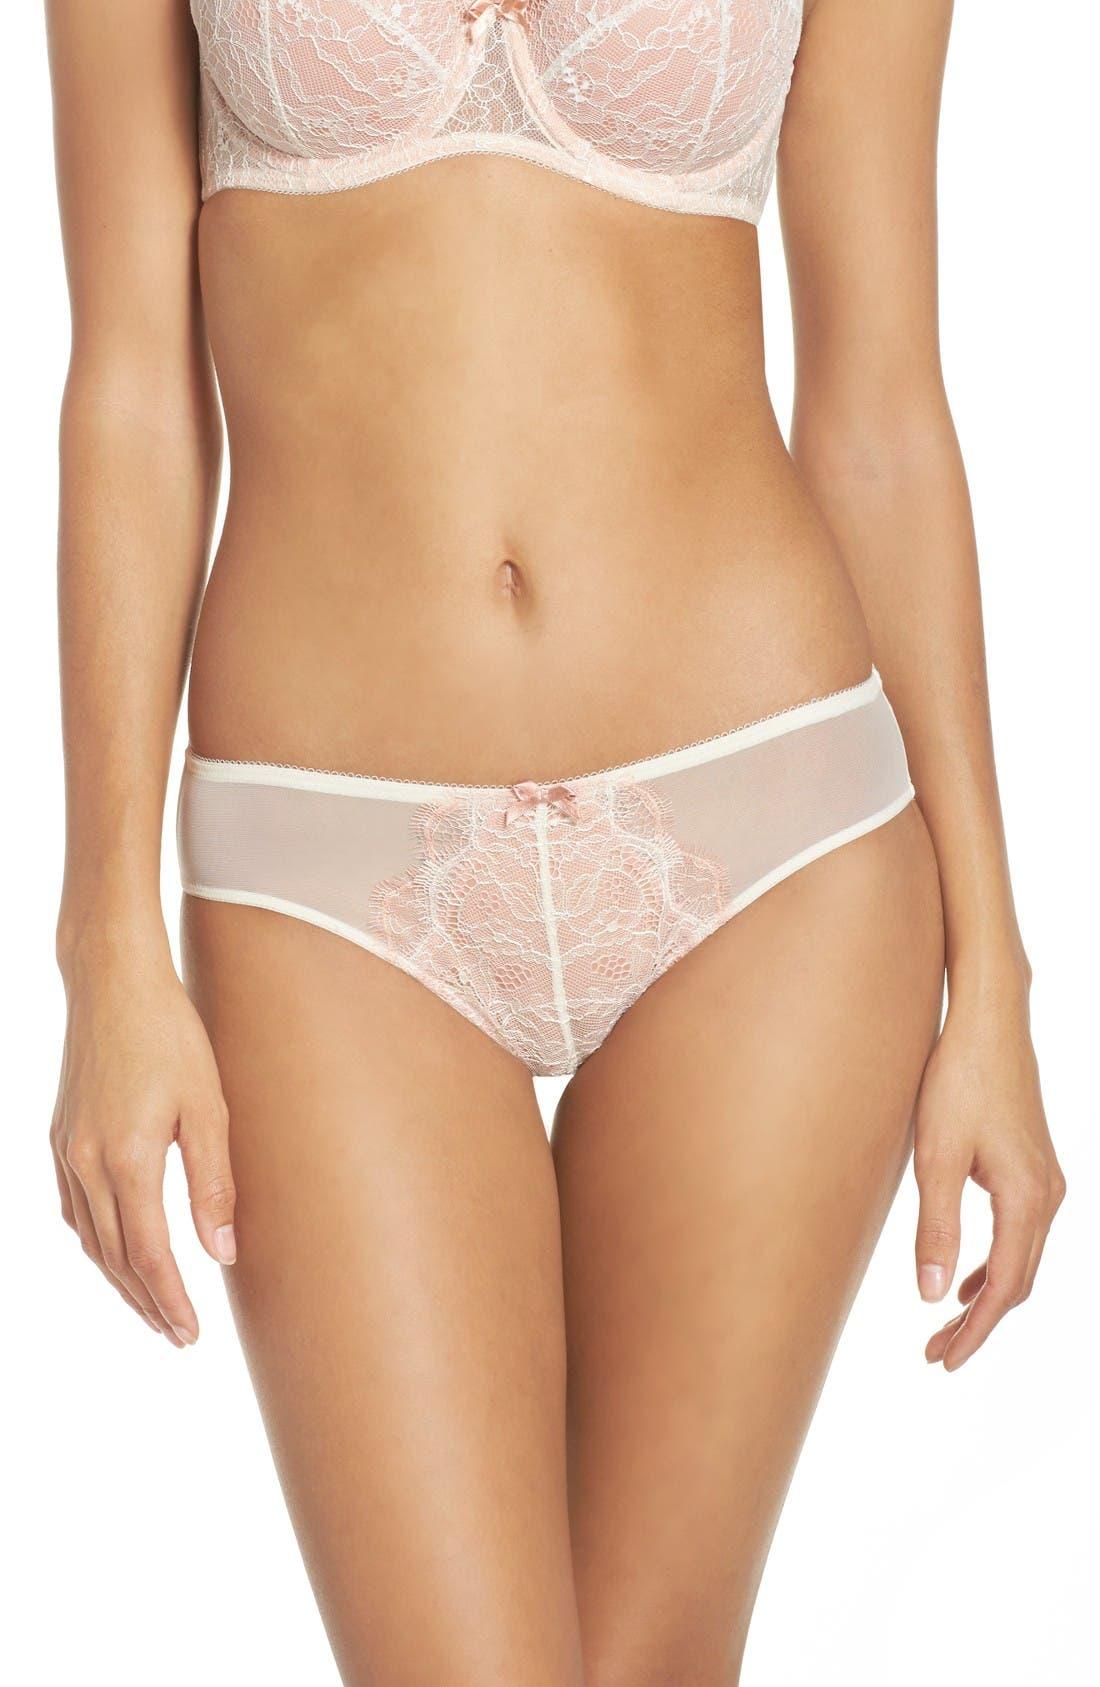 'B Sultry' Bikini,                         Main,                         color, Vanilla Ice/ Peach Beige